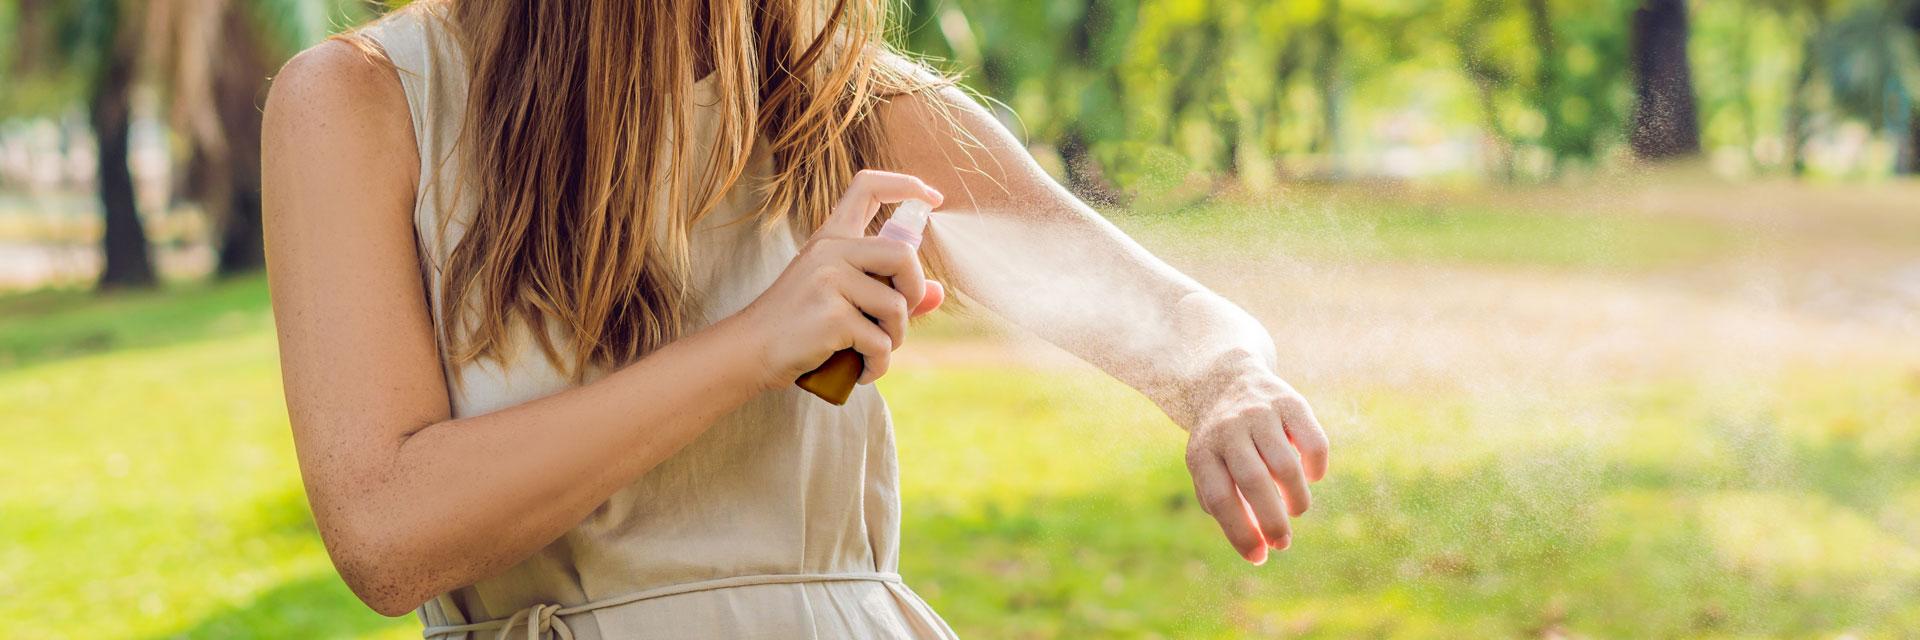 DIY Essential Oil Bug Repellent Spray